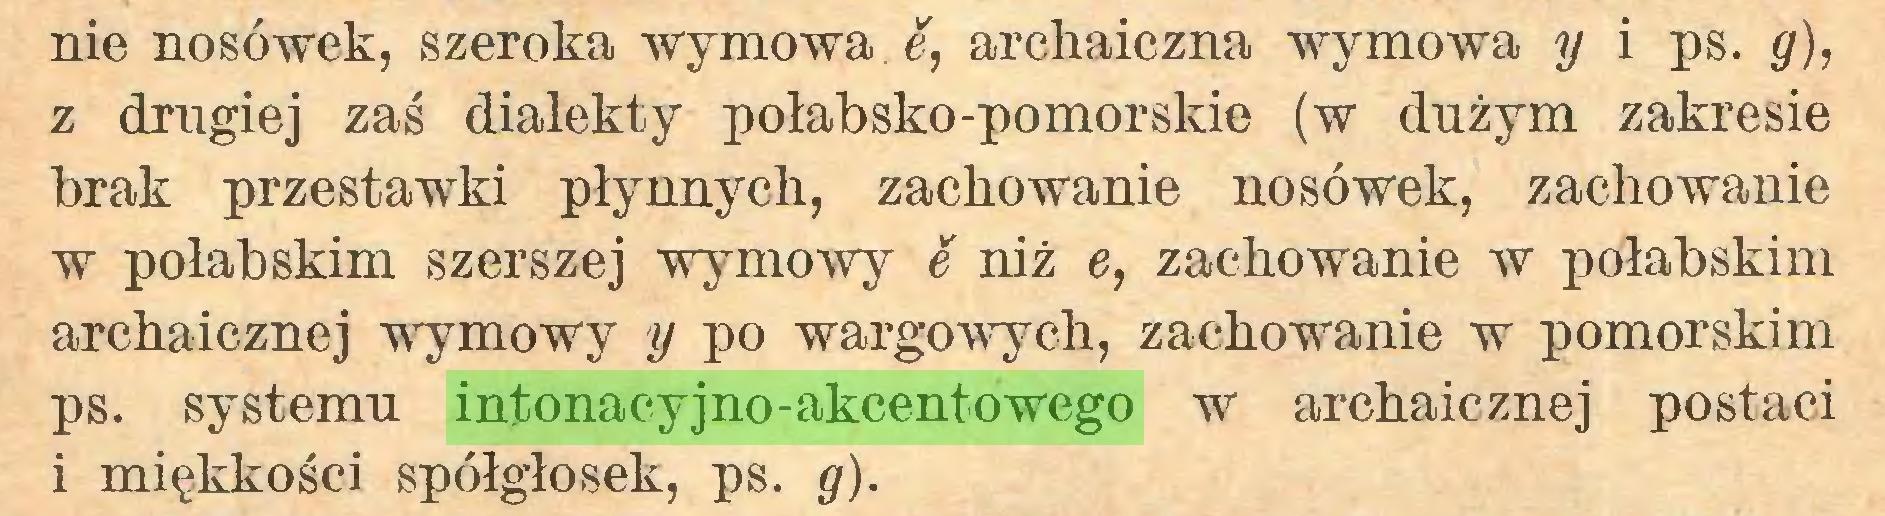 (...) nie nosówek, szeroka wymowa. e, archaiczna wymowa y i ps. g), z drugiej zaś dialekty połabsko-pomorskie (w dużym zakresie brak przestawki płynnych, zachowanie nosówek, zachowanie w połabskim szerszej wymowy é niż e, zachowanie w połabskim archaicznej wymowy y po wargowych, zachowanie w pomorskim ps. systemu intonacyjno-akcentowego w archaicznej postaci i miękkości spółgłosek, ps. g)...